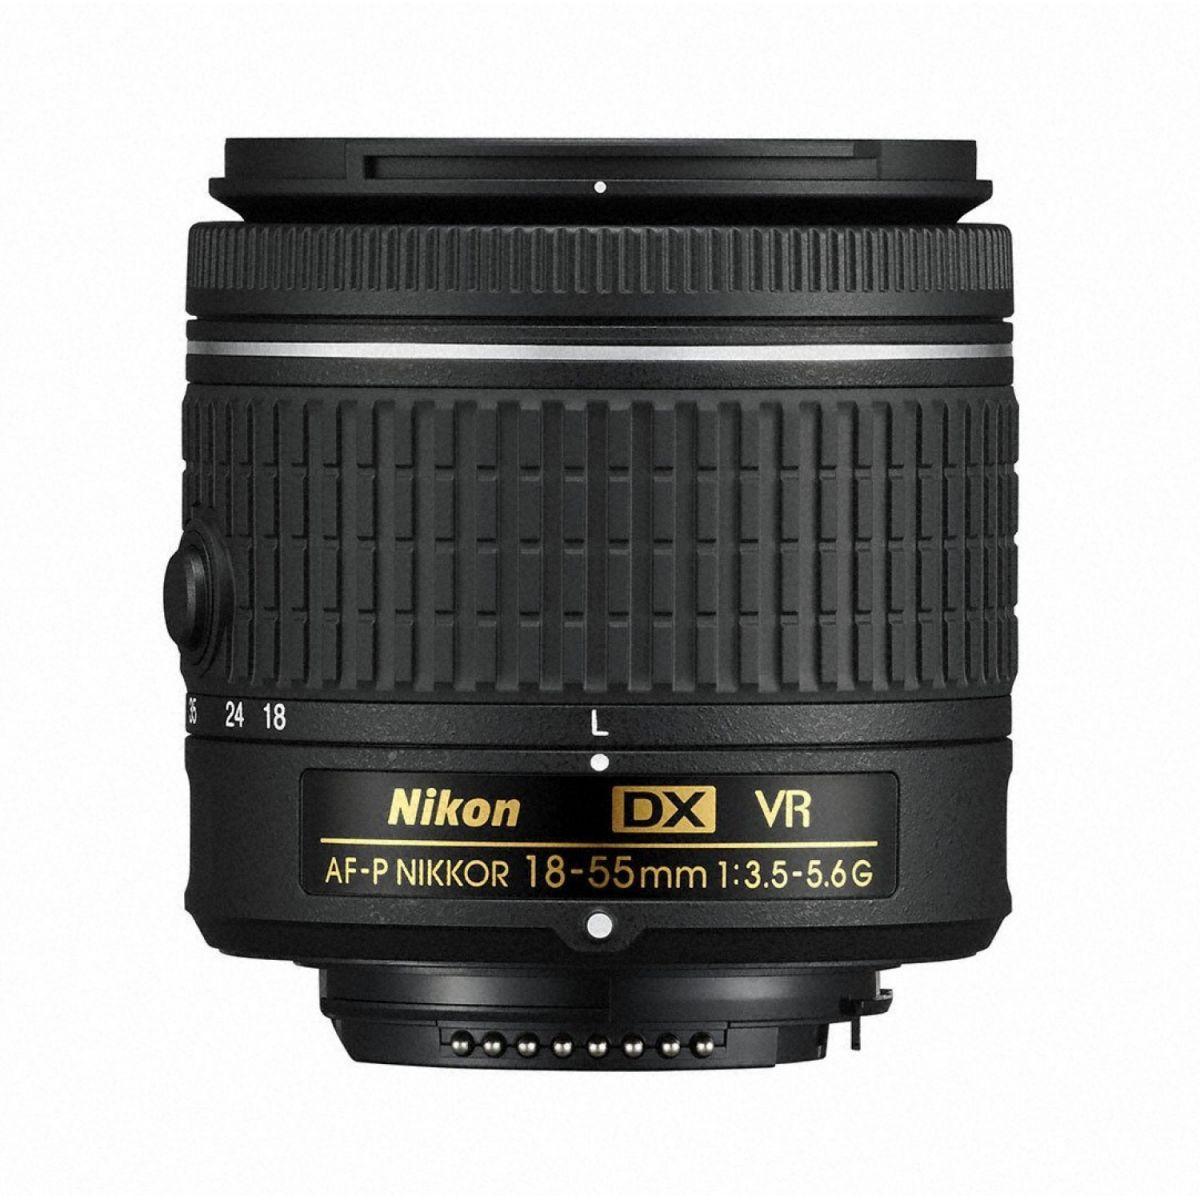 Nikon 18-55mm f/3.5-5.6G AF-P DX VR Nikkor